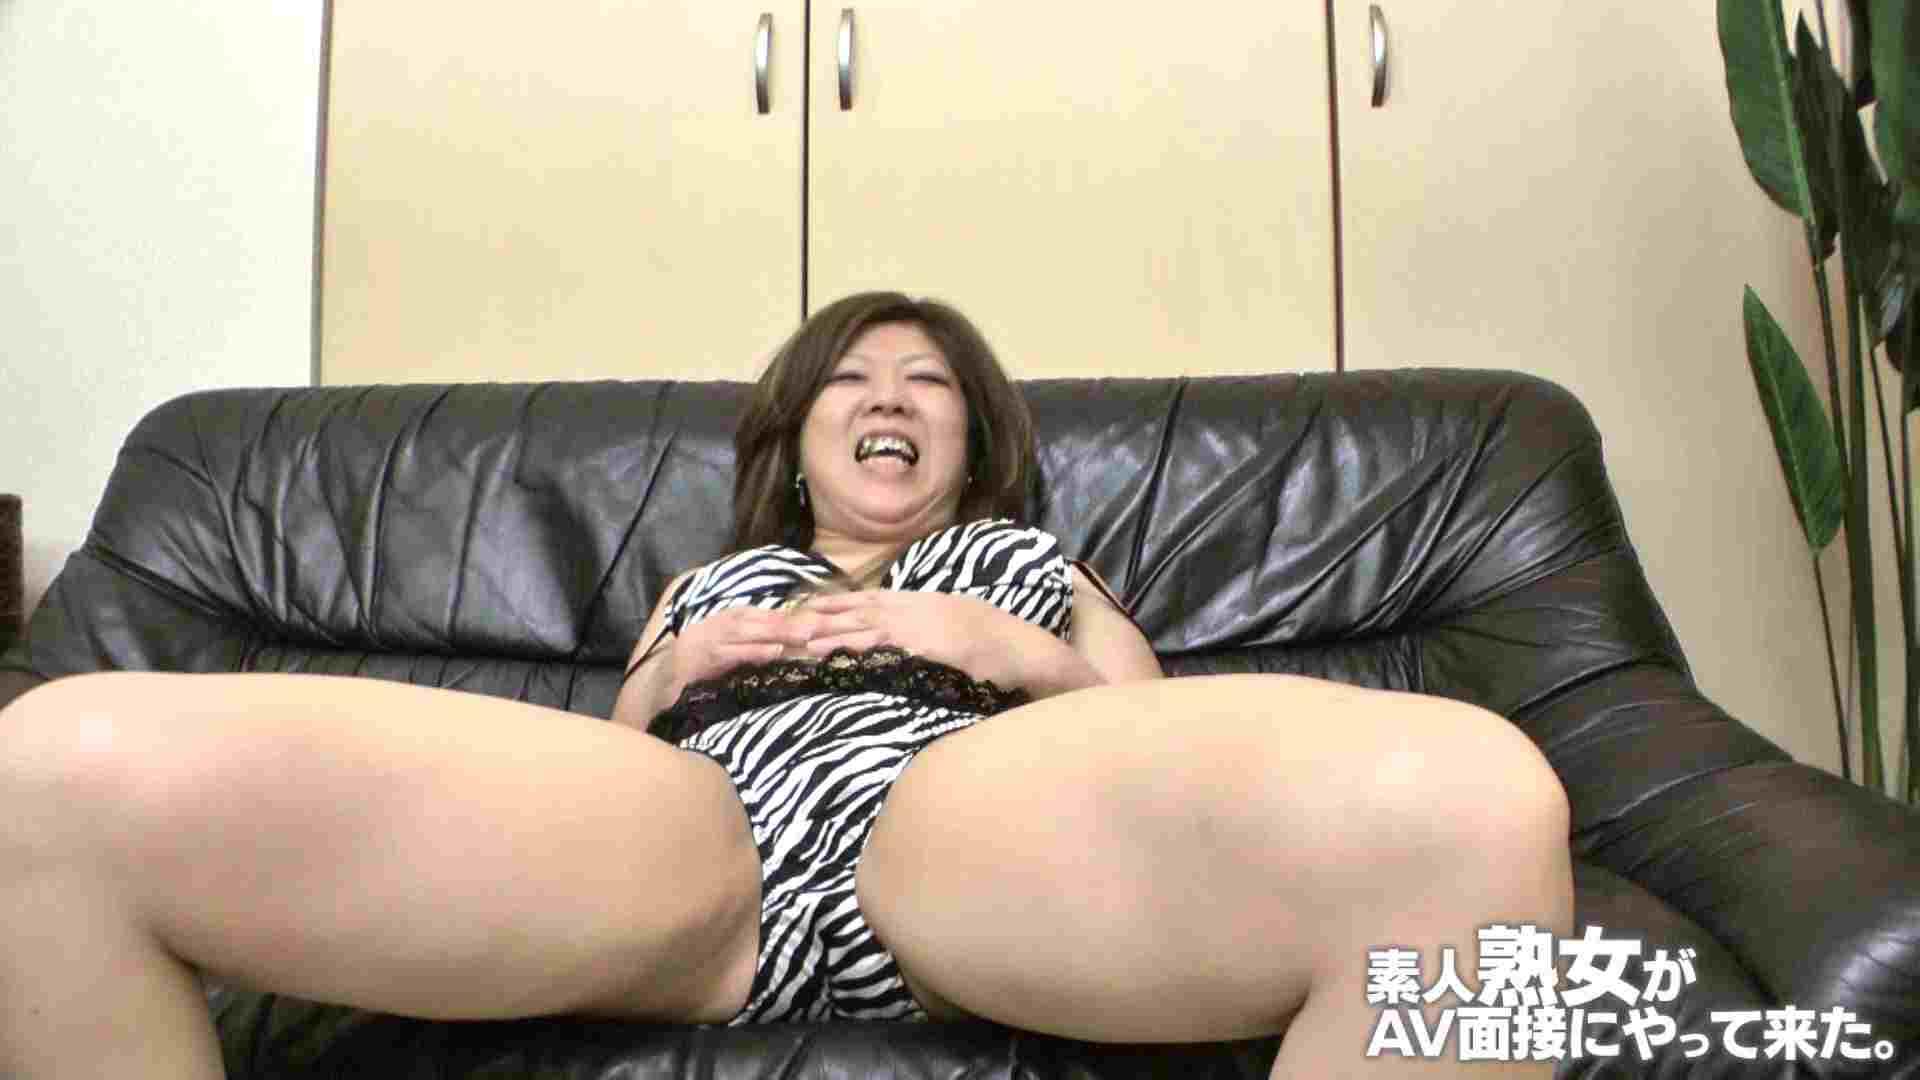 素人熟女がAV面接にやってきた (仮名)ゆかさんVOL.03 セックス   素人達のヌード  60連発 47